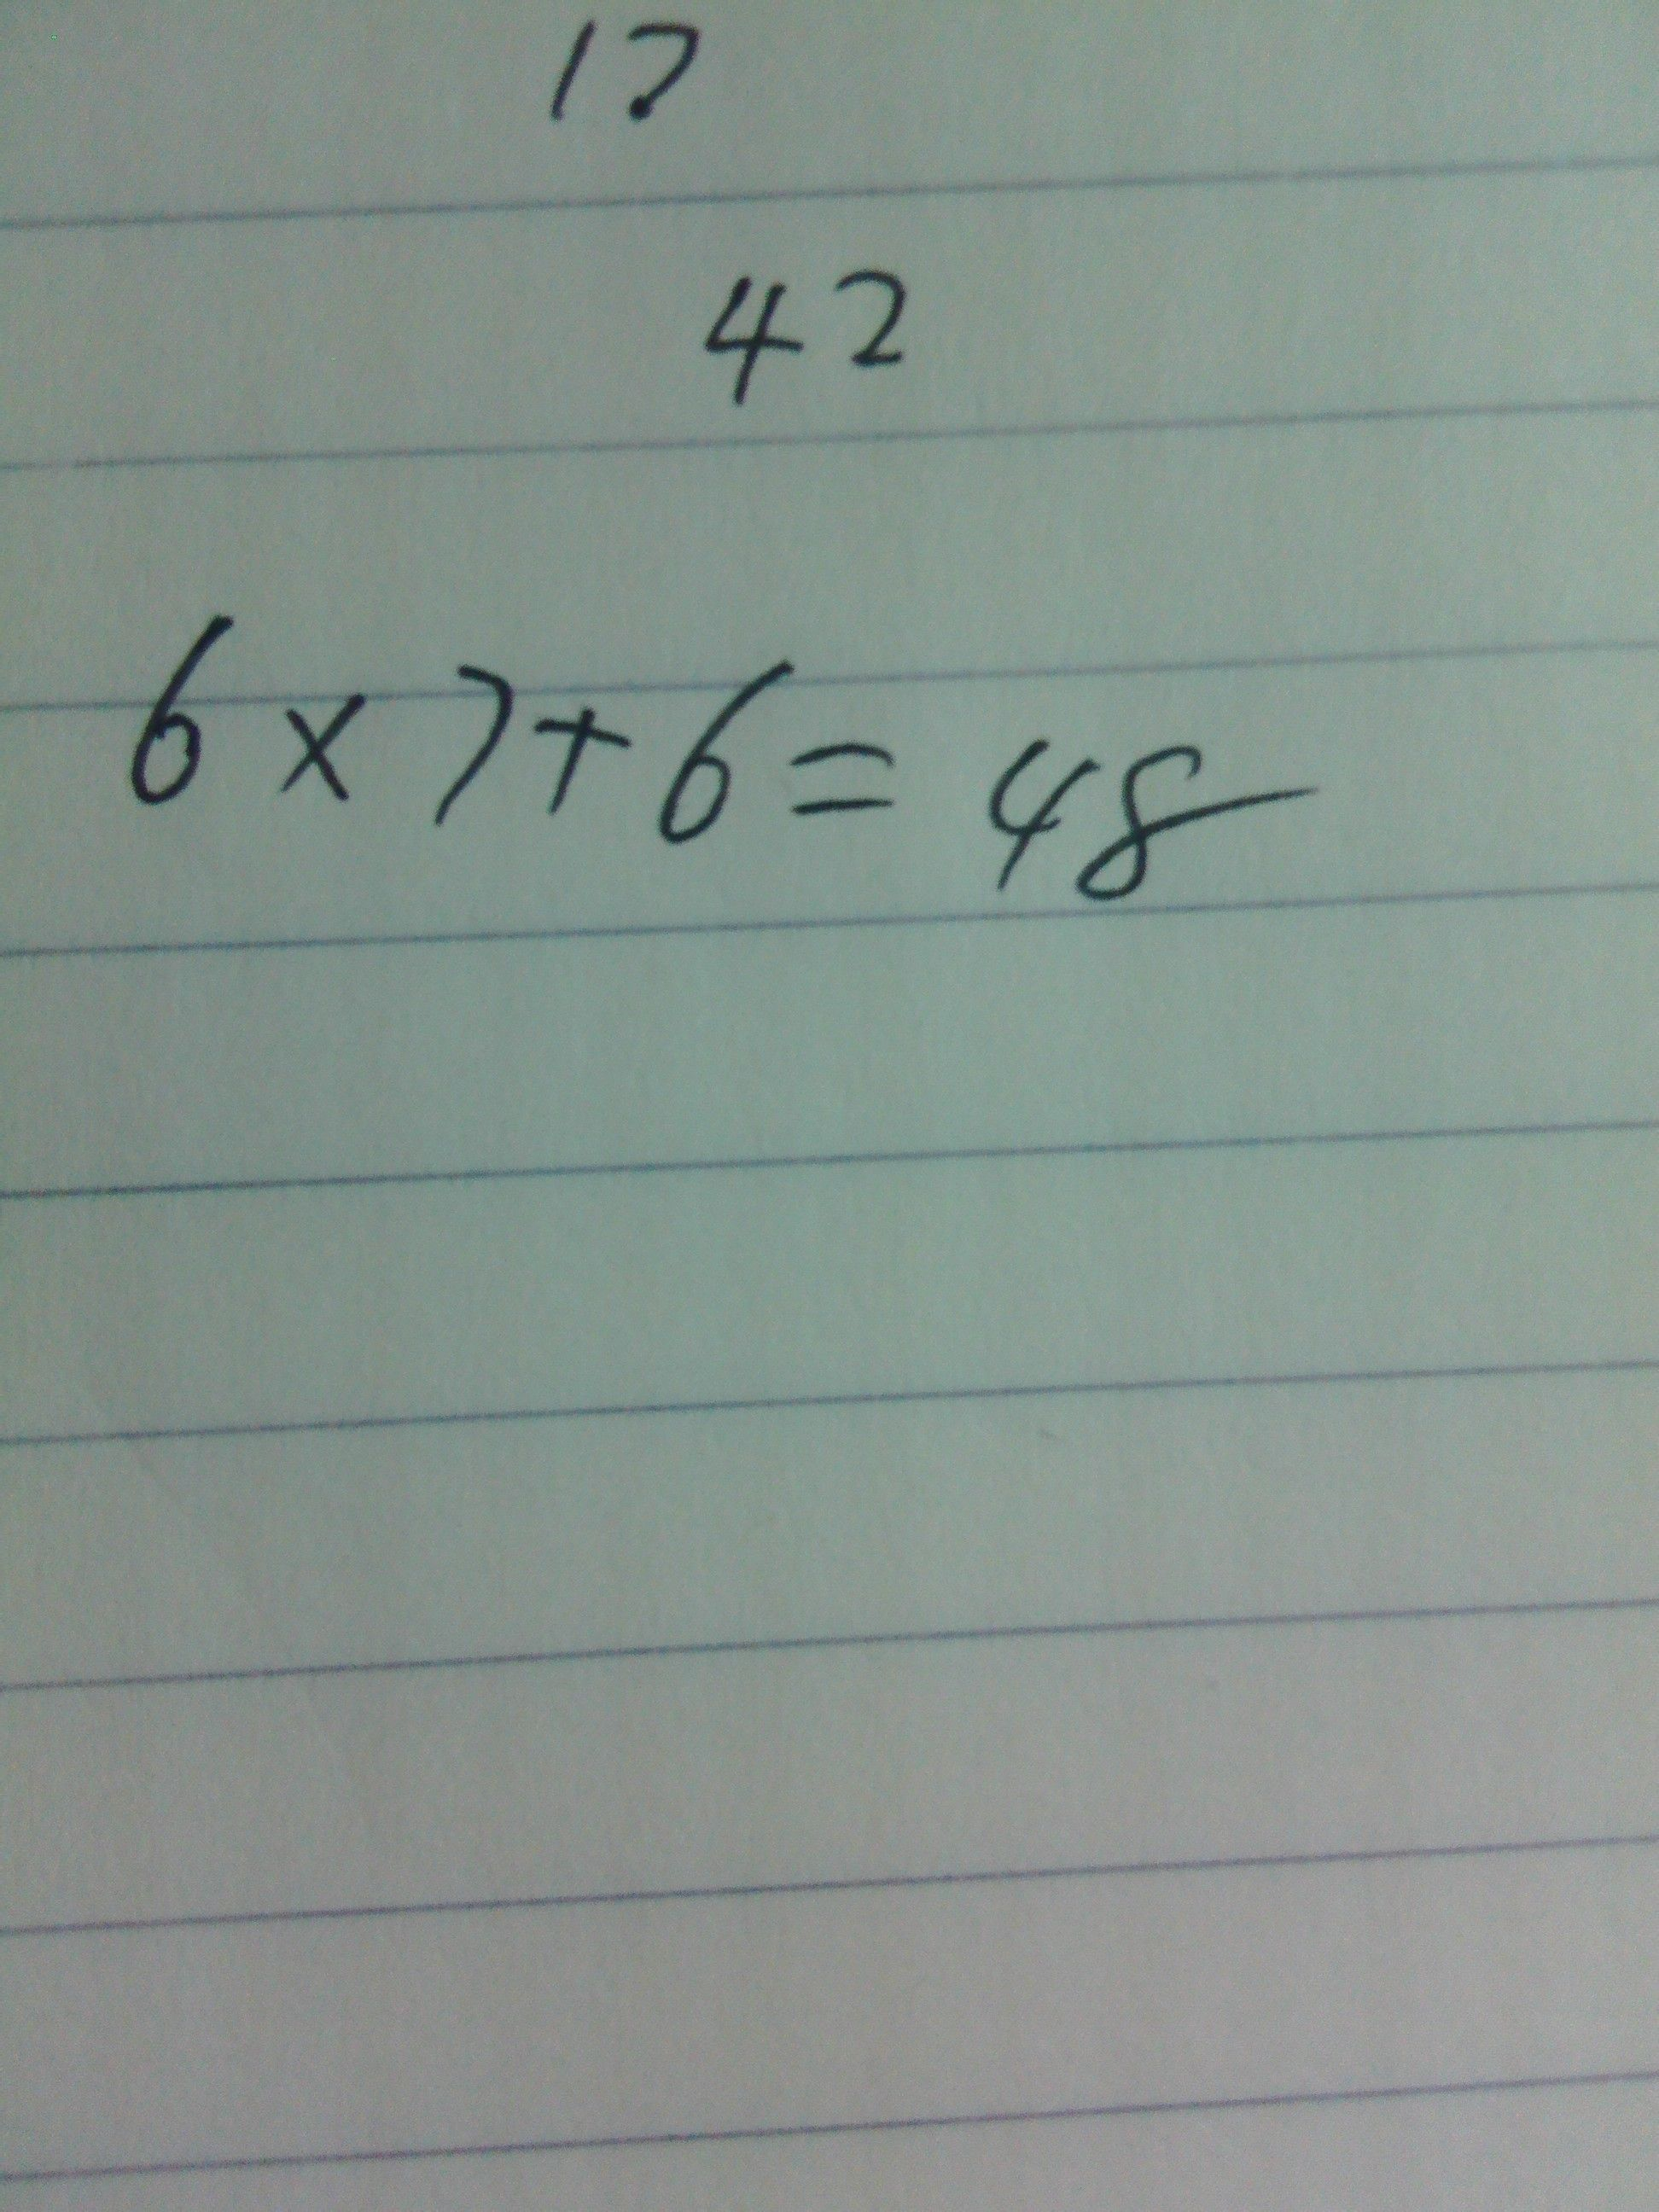 小林计算一道除法算式时,错把除数45 春成了54,结果商图片